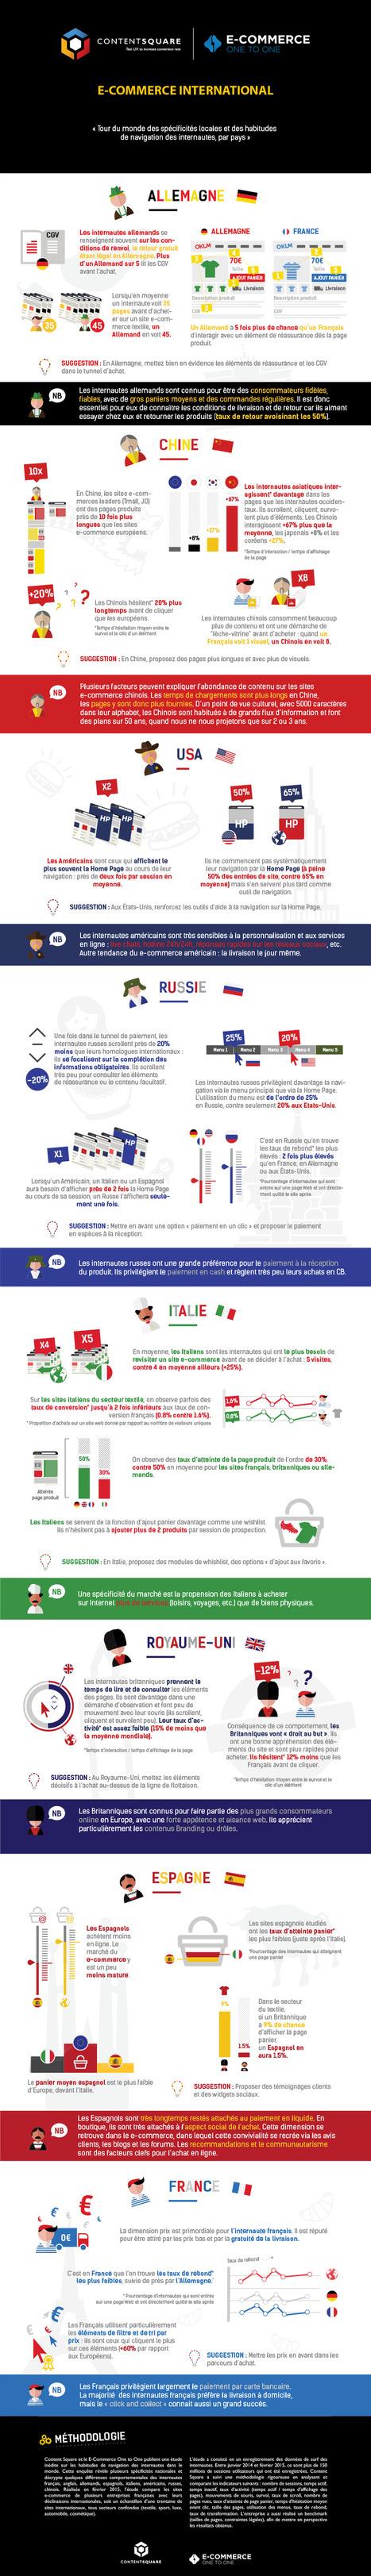 Les comportements de navigation descyberacheteurs, pays par pays | Mesure de la performance | Scoop.it